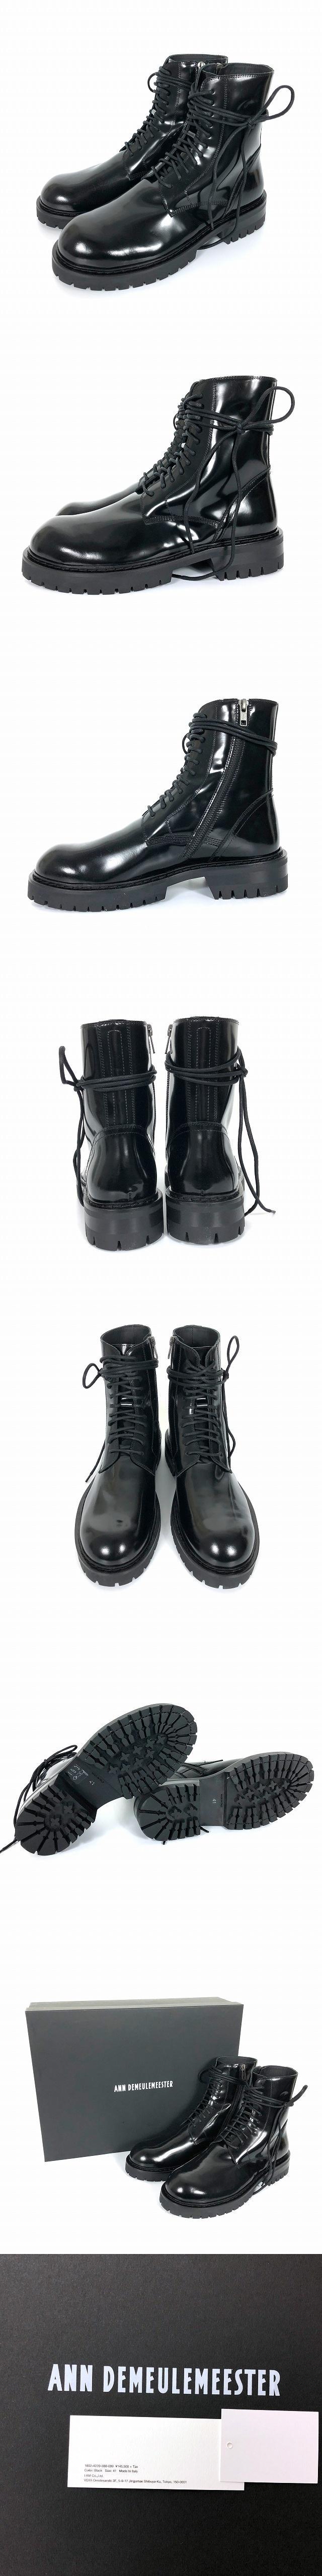 18AW エナメル レザー サイドジップ レースアップ ブーツ 41 26 cm ブラック 黒 1802-4220-388-099